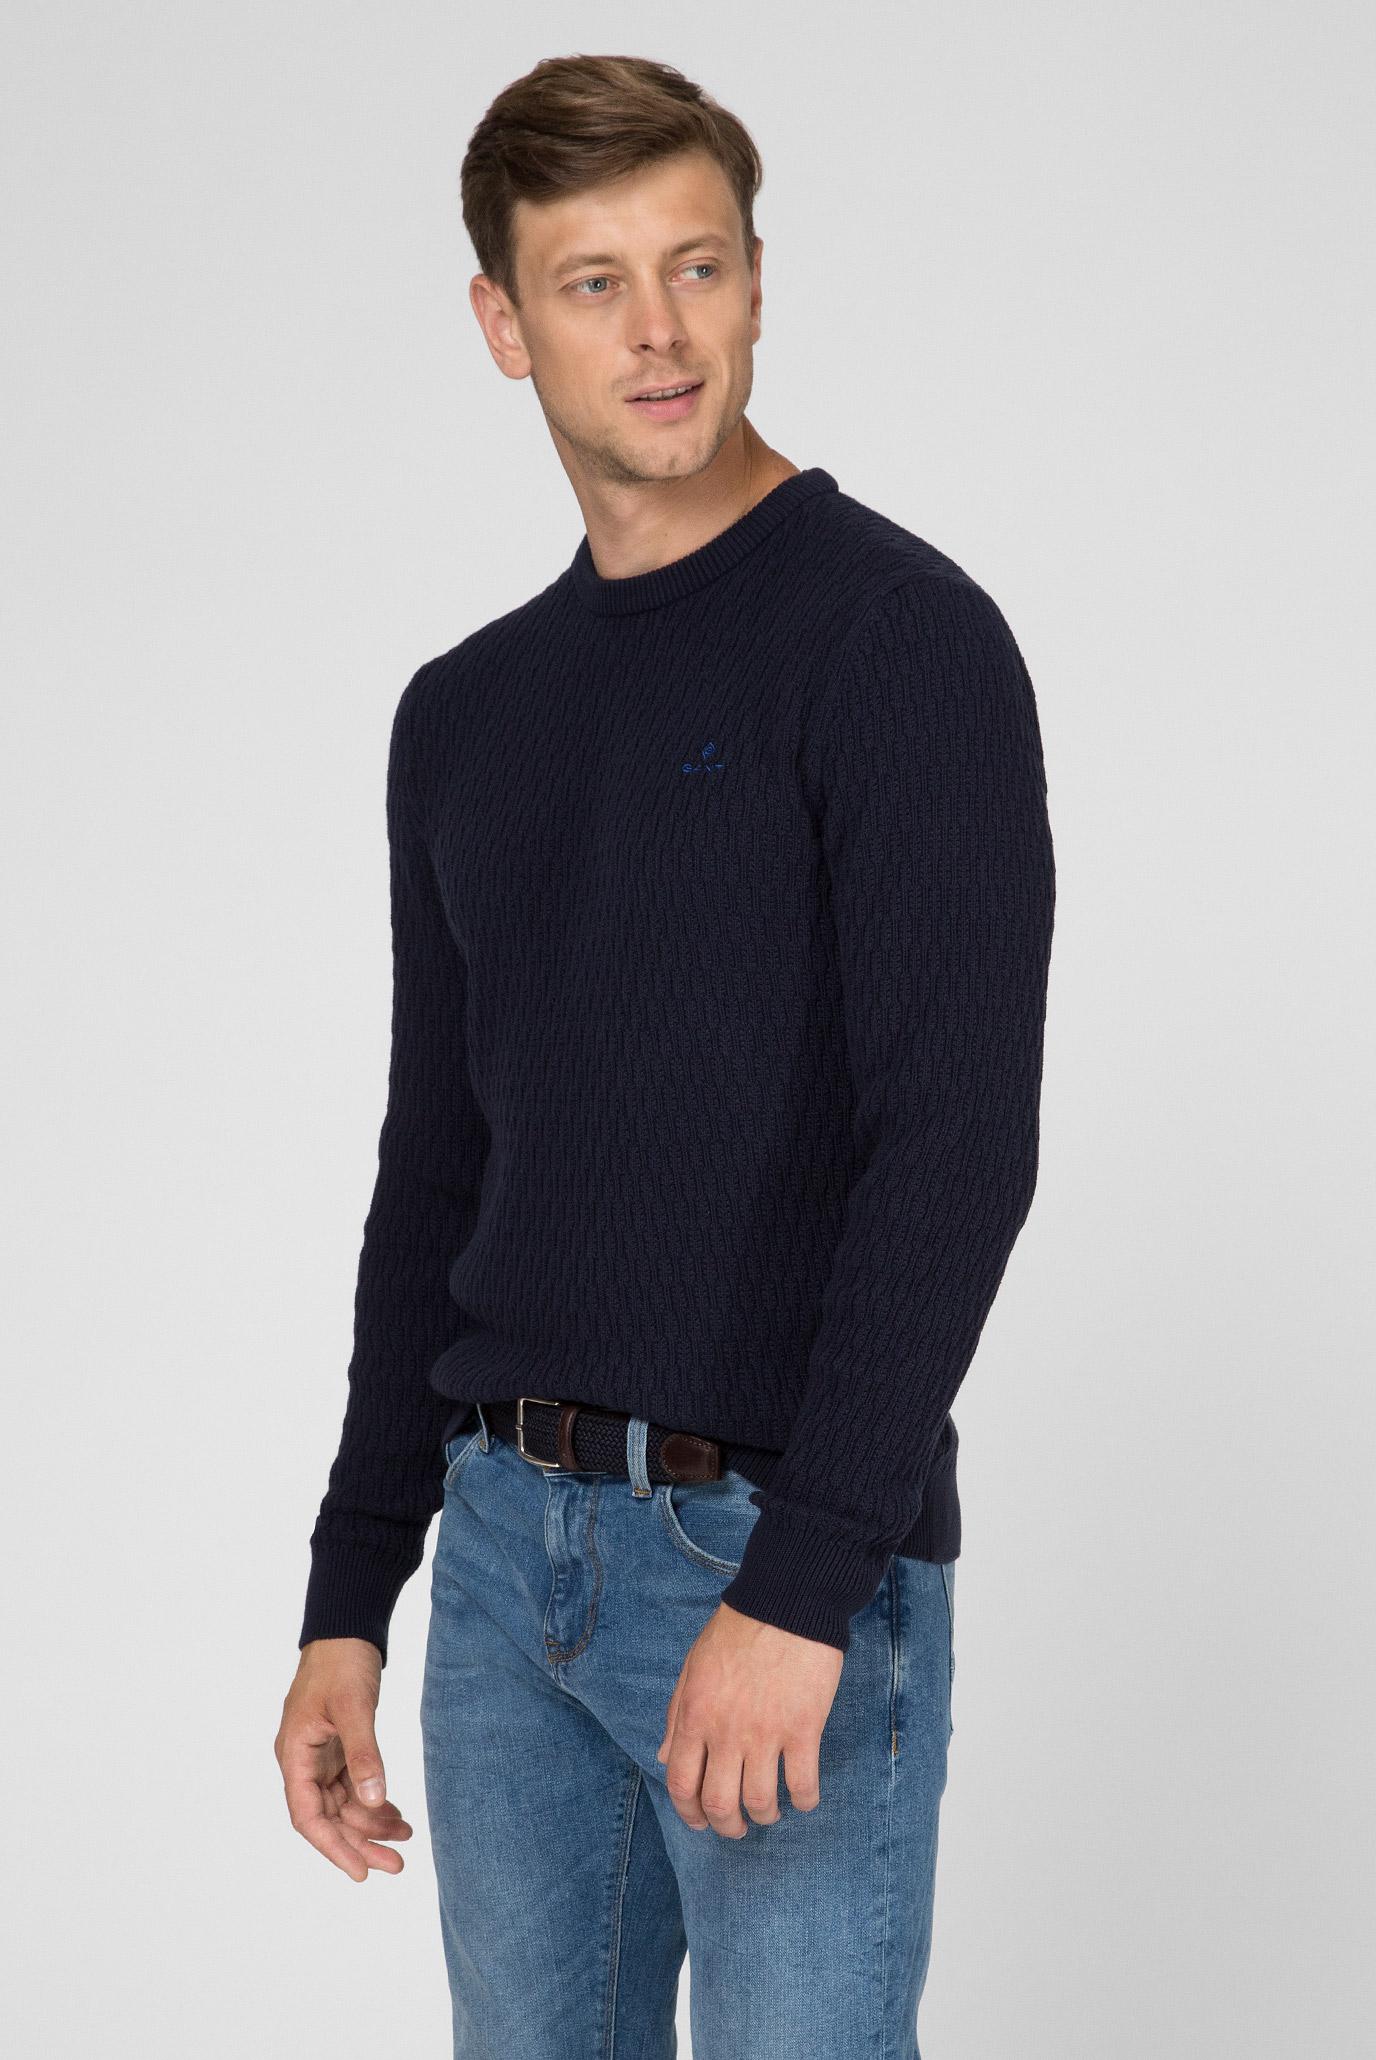 Купить Мужской темно-синий джемпер WHEAT TEXTURE Gant Gant 8040053 – Киев, Украина. Цены в интернет магазине MD Fashion